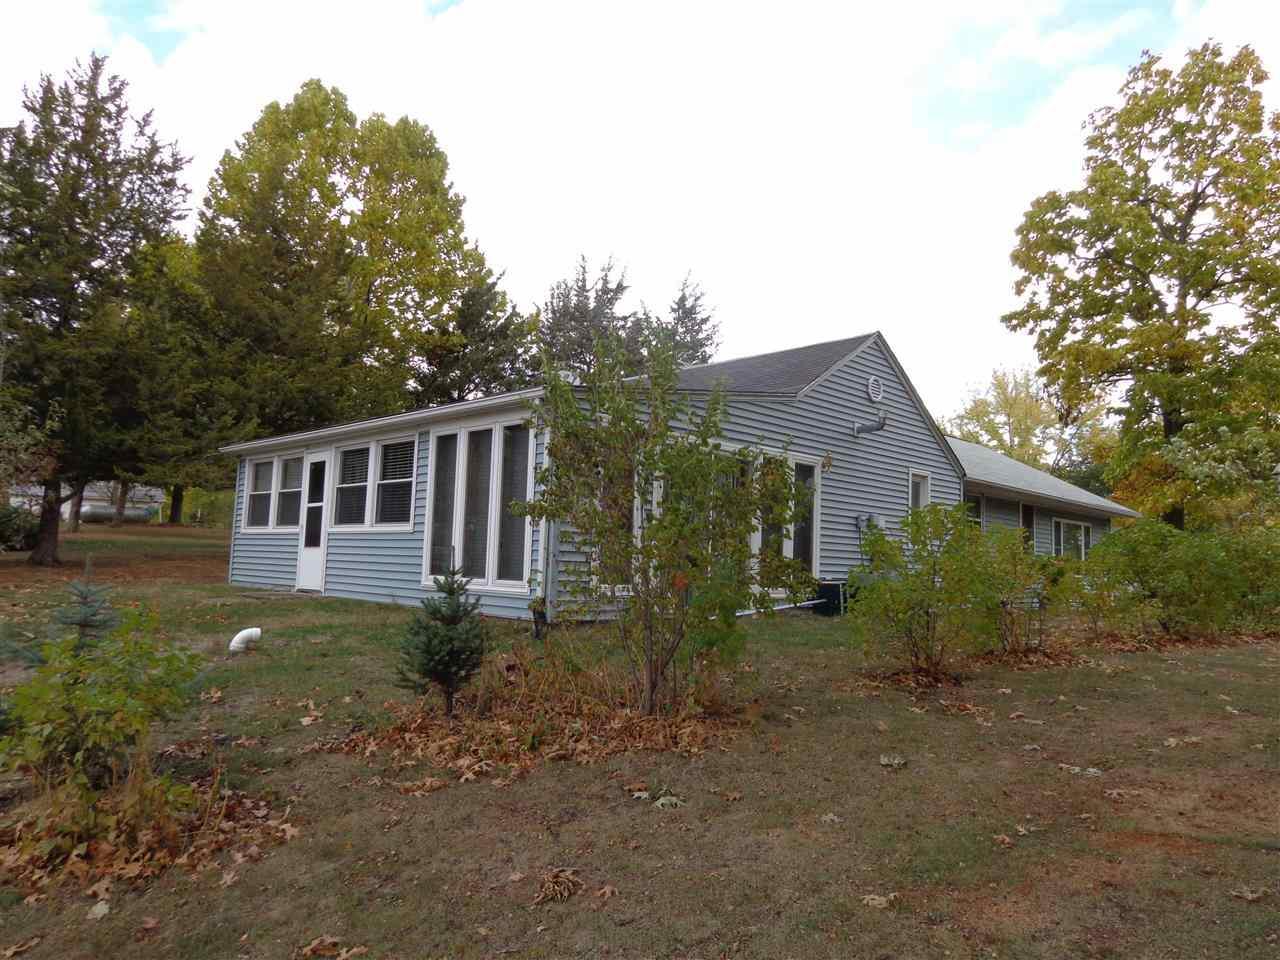 Real Estate for Sale, ListingId: 25690576, New Boston,IL61272